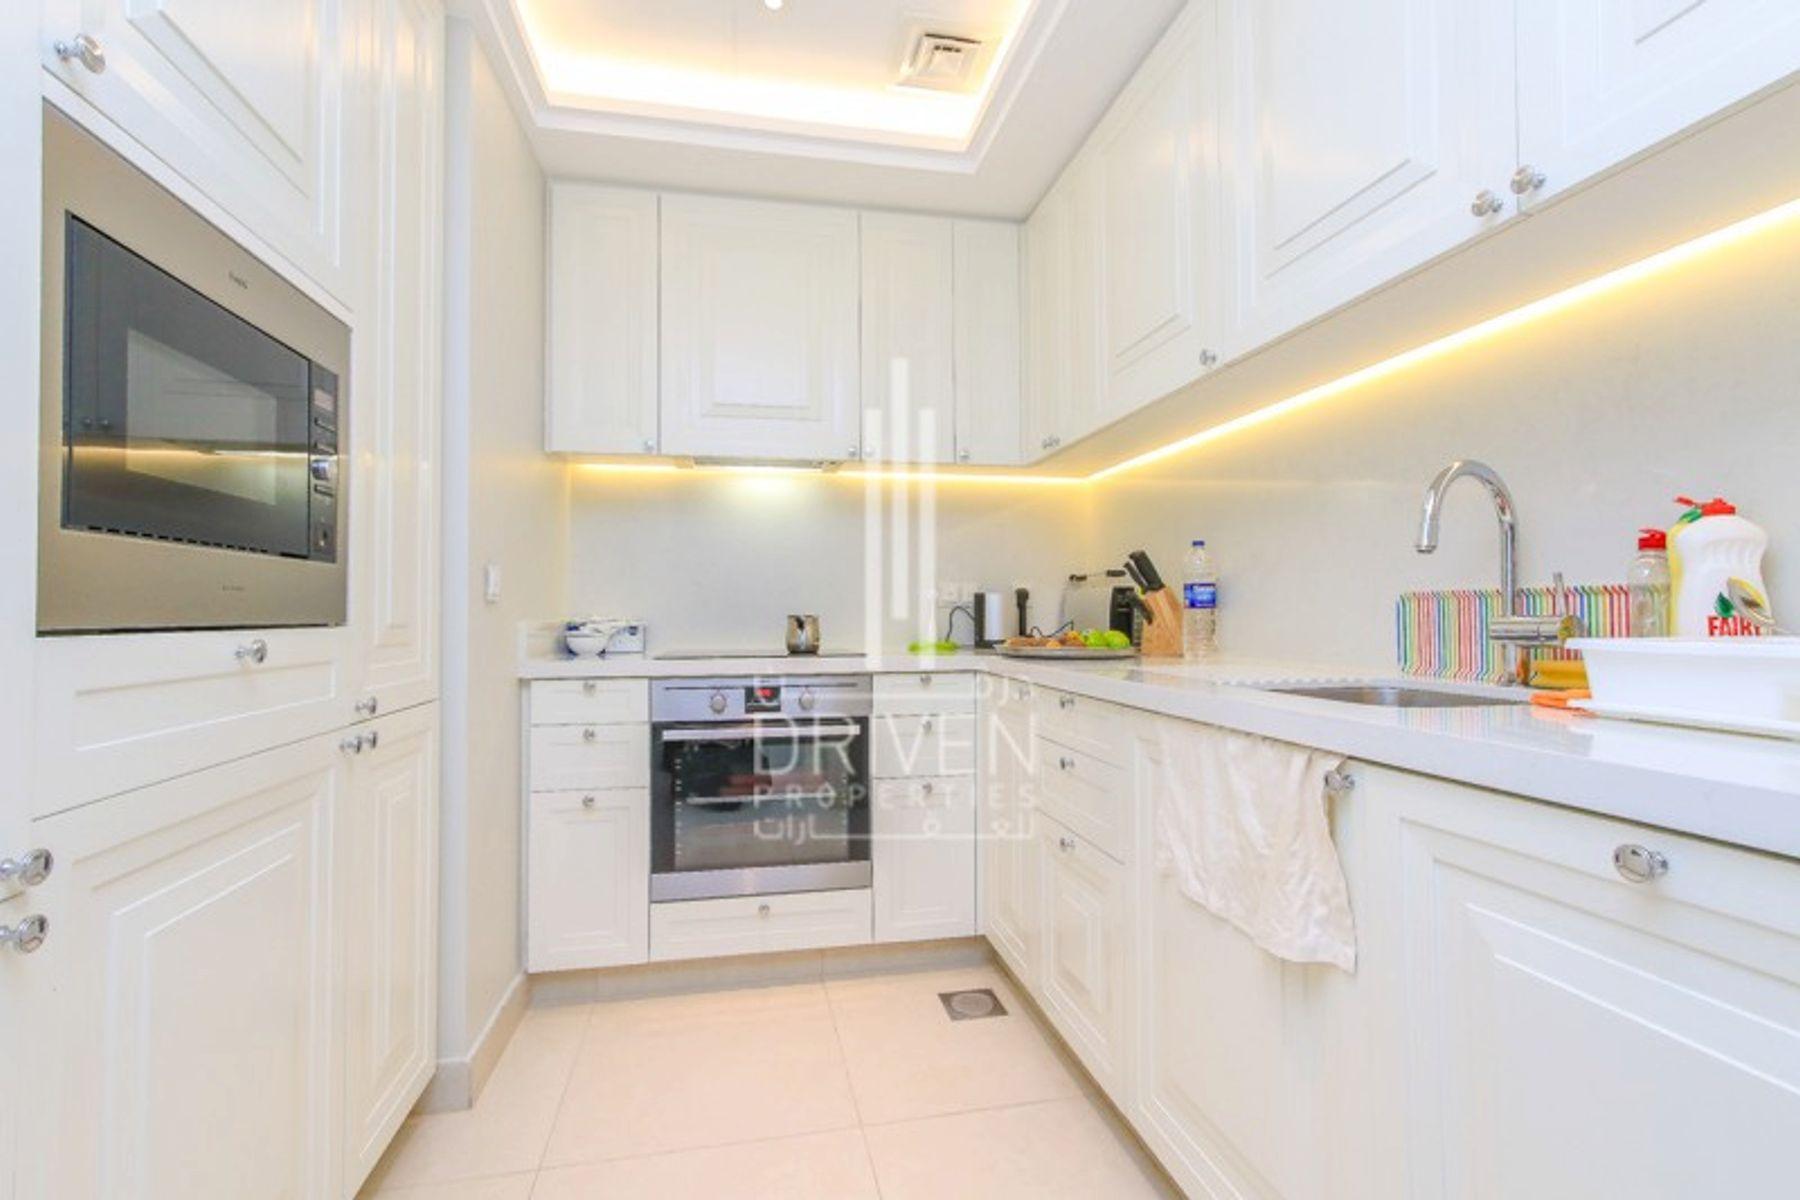 للبيع - شقة - فندق العنوان - بوليفارد - دبي وسط المدينة